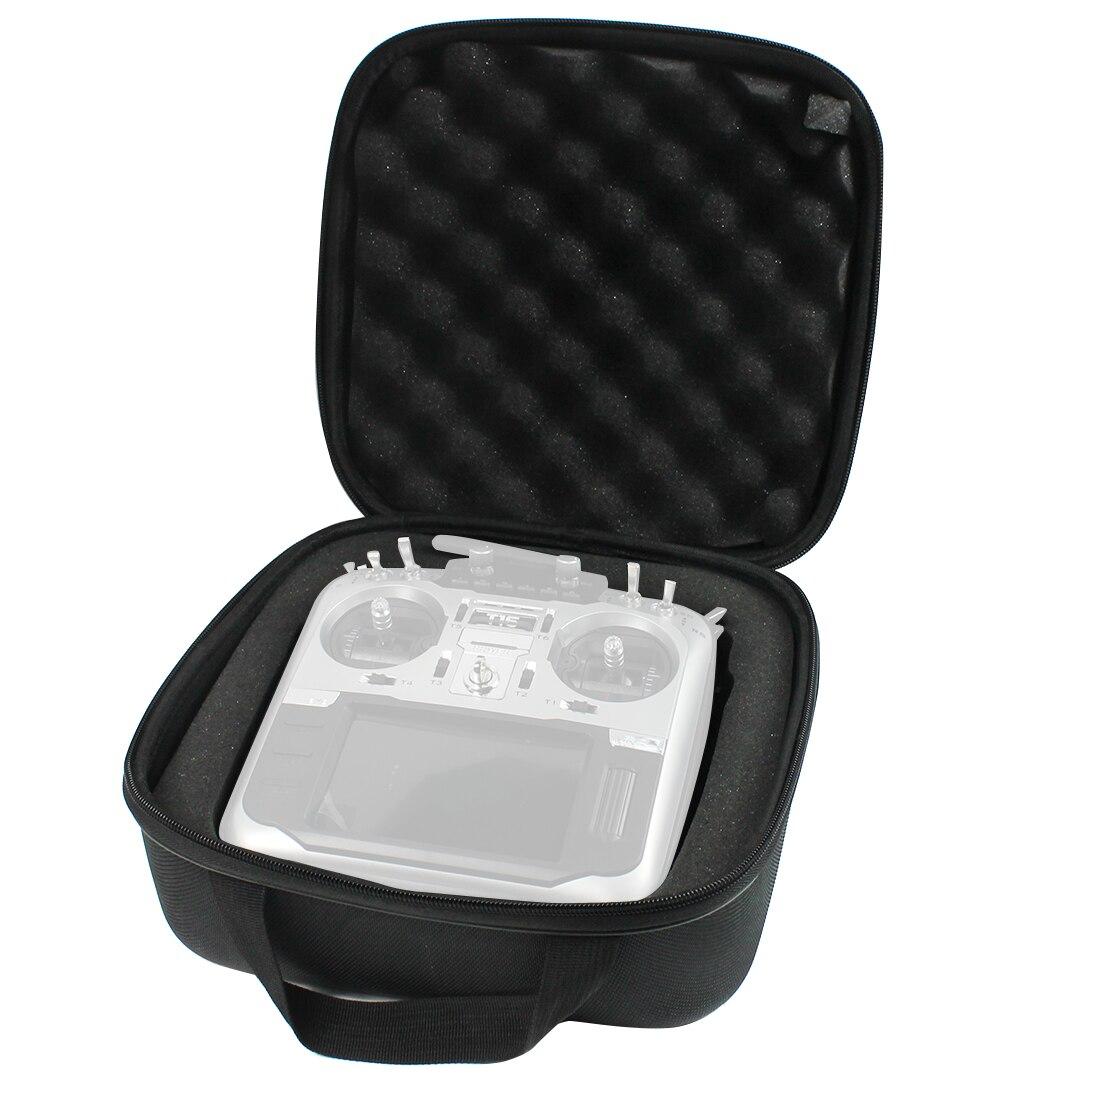 JMT Universal Remote Controller Storage Bag RC Transmitter Protector Handbag Case Box For FrSky X9D For Radiolink AT9S